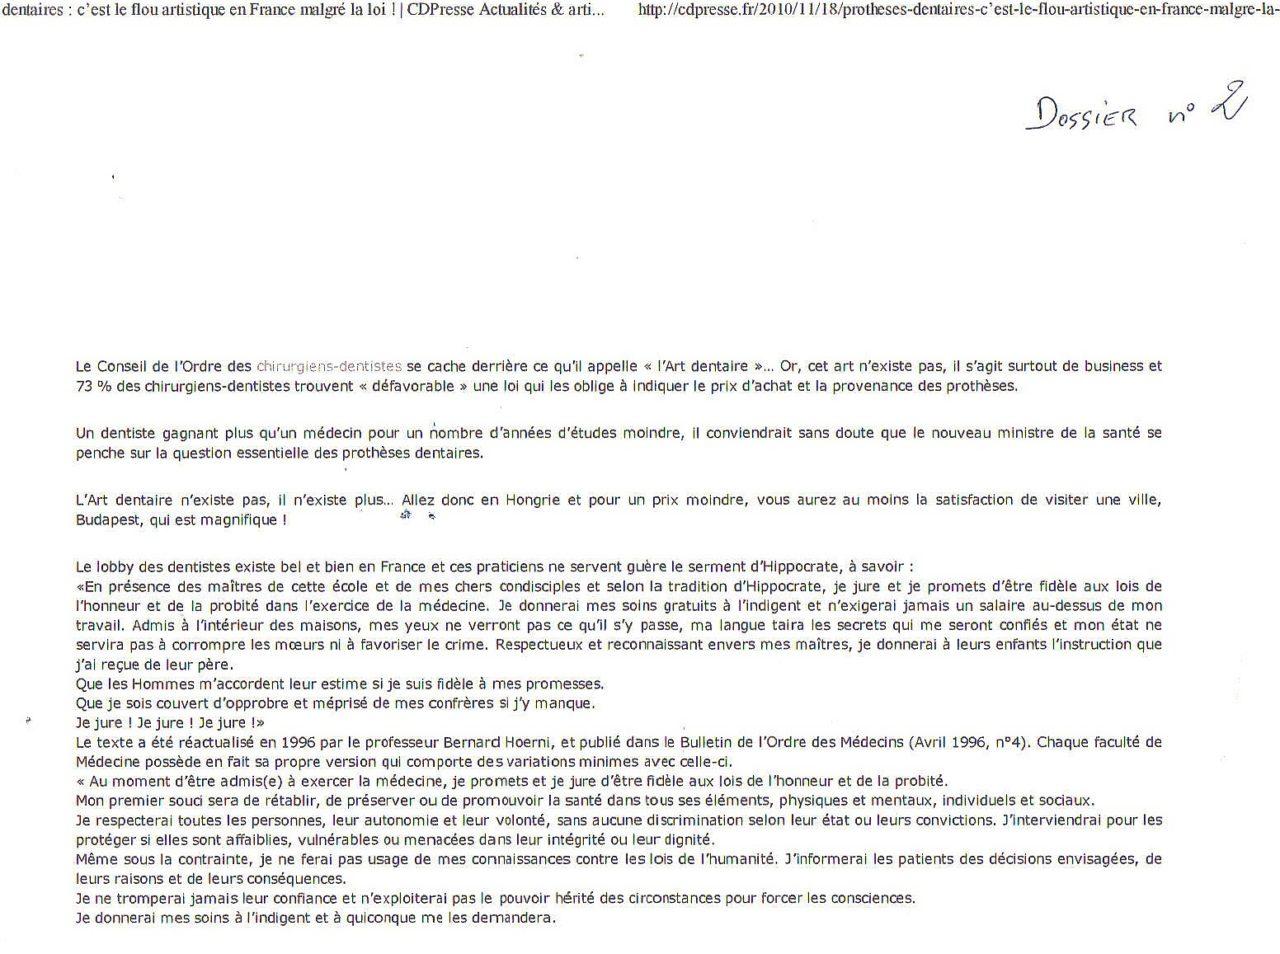 statut prothesiste dentaire au maroc Toutes les offres d'emploi prothésiste dentaire - maroc sur optioncarrierema, le moteur de recherche d'emplois au maroc.